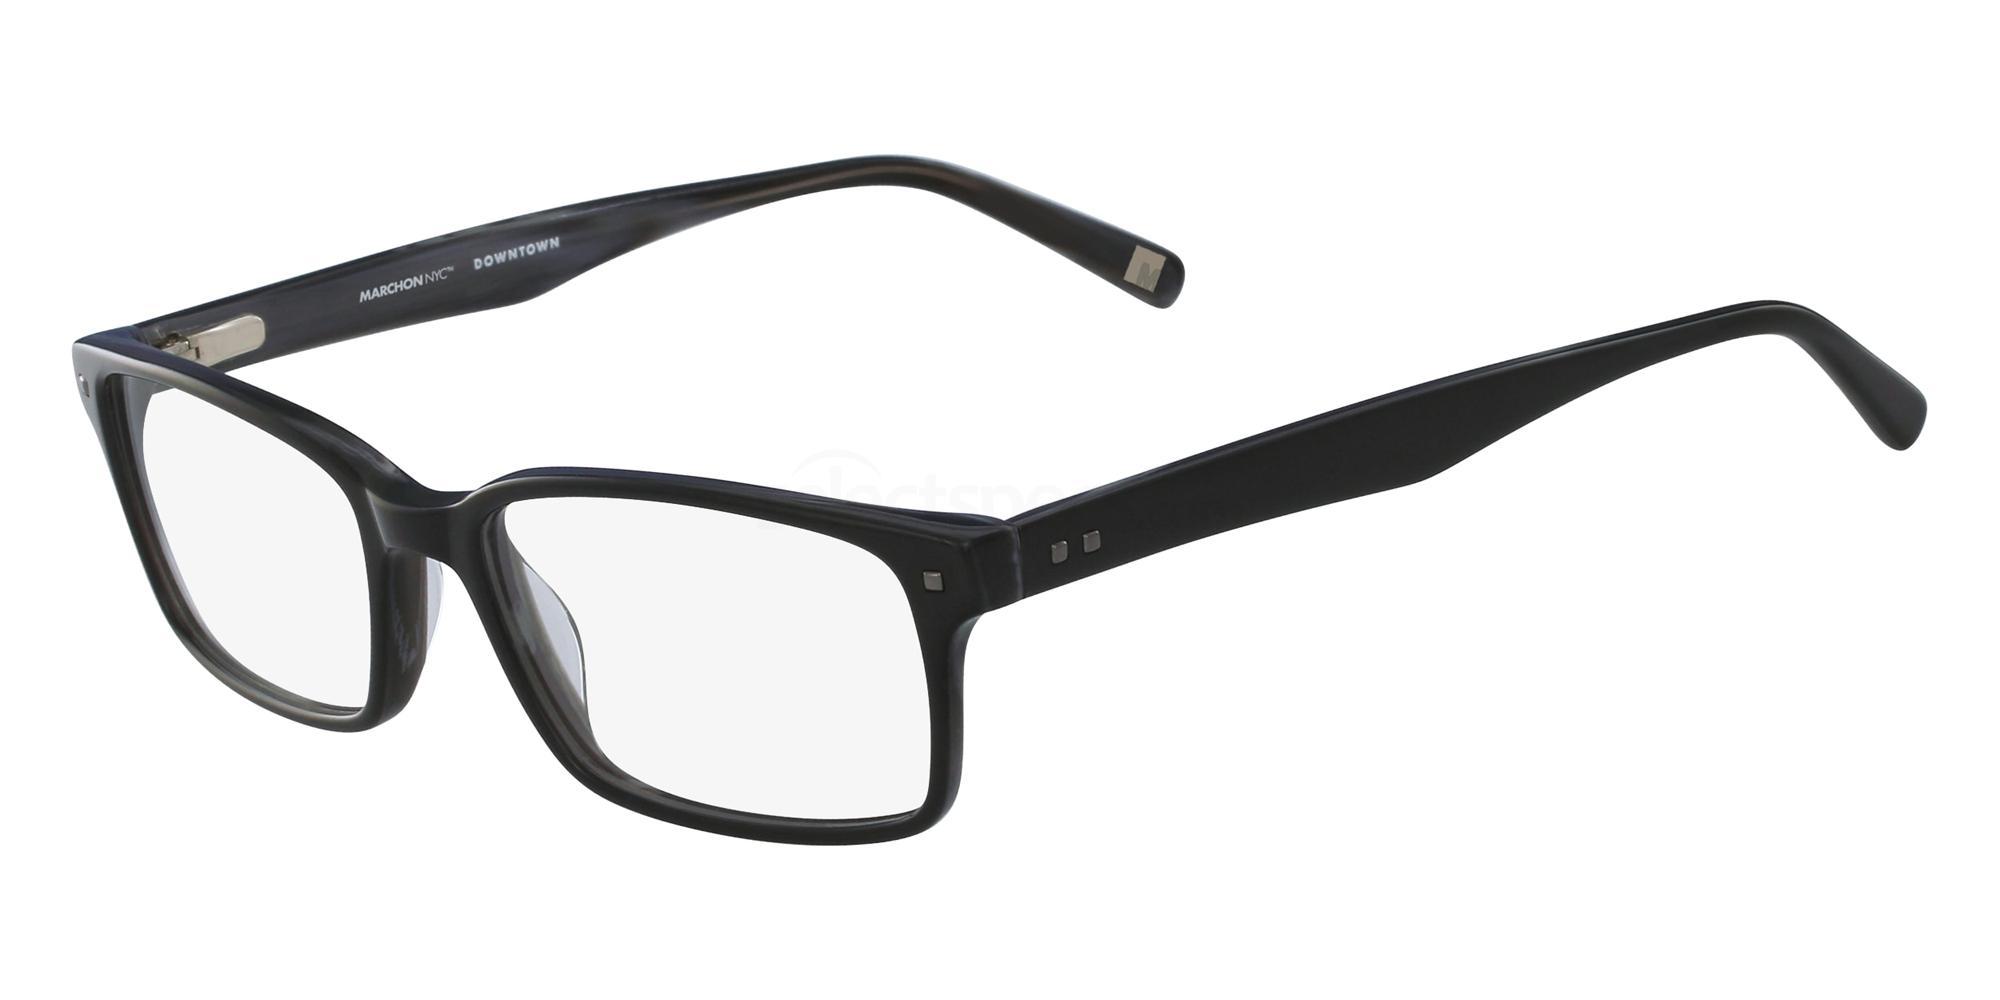 001 M-HERALD SQ Glasses, Marchon